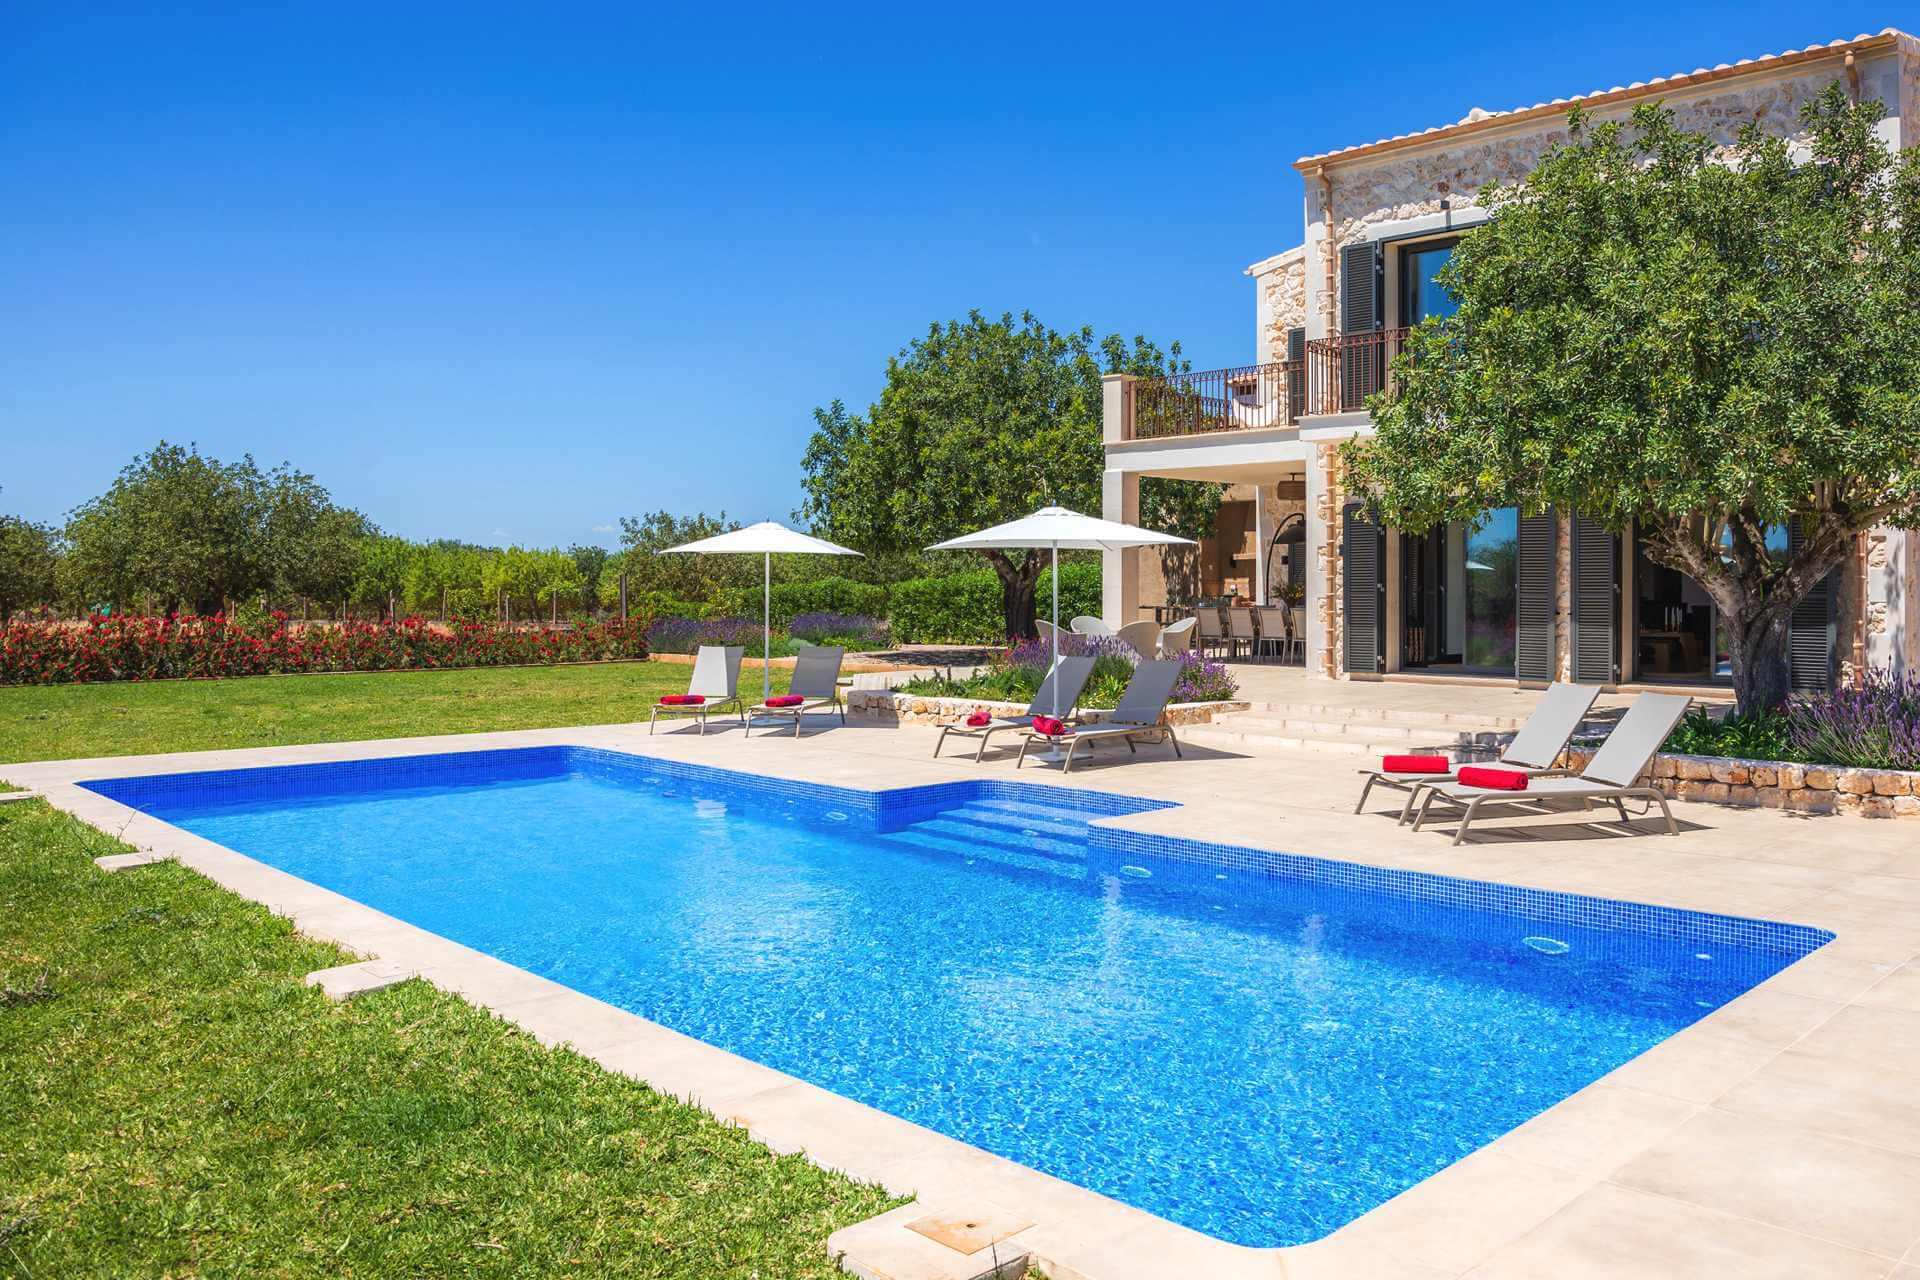 01-340 luxuriöse Finca Mallorca Osten Bild 3